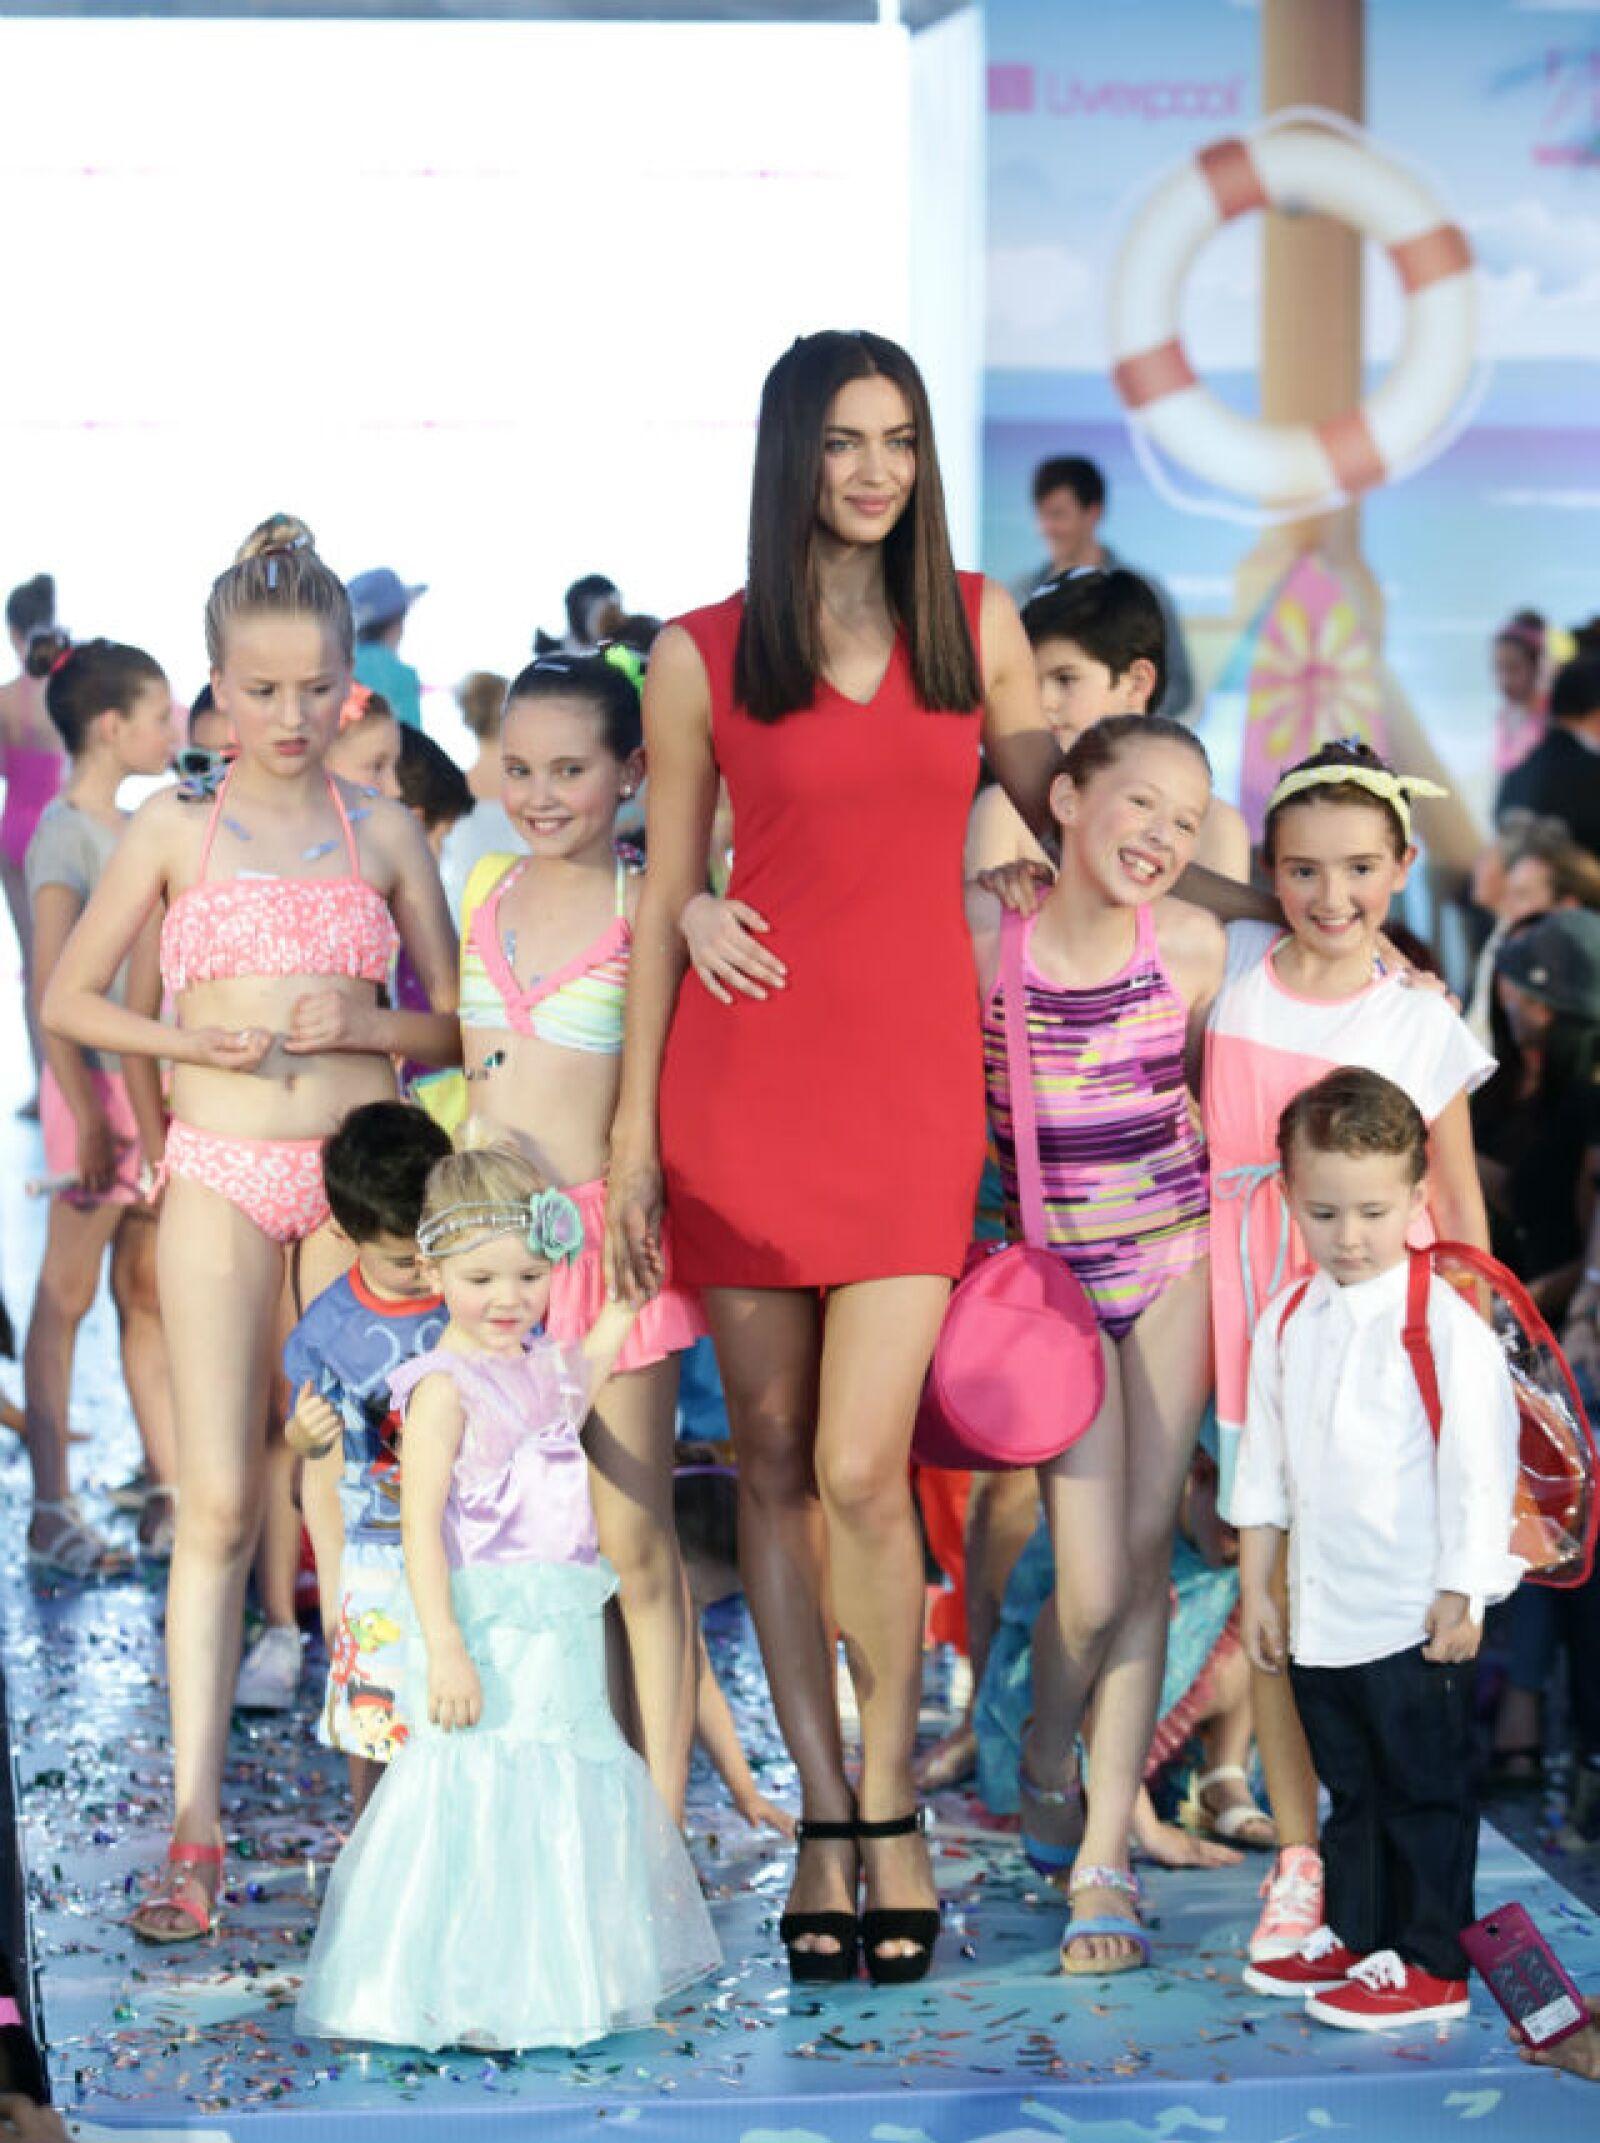 Los pequeños tuvieron la oportunidad de estar lado a lado de una top model.